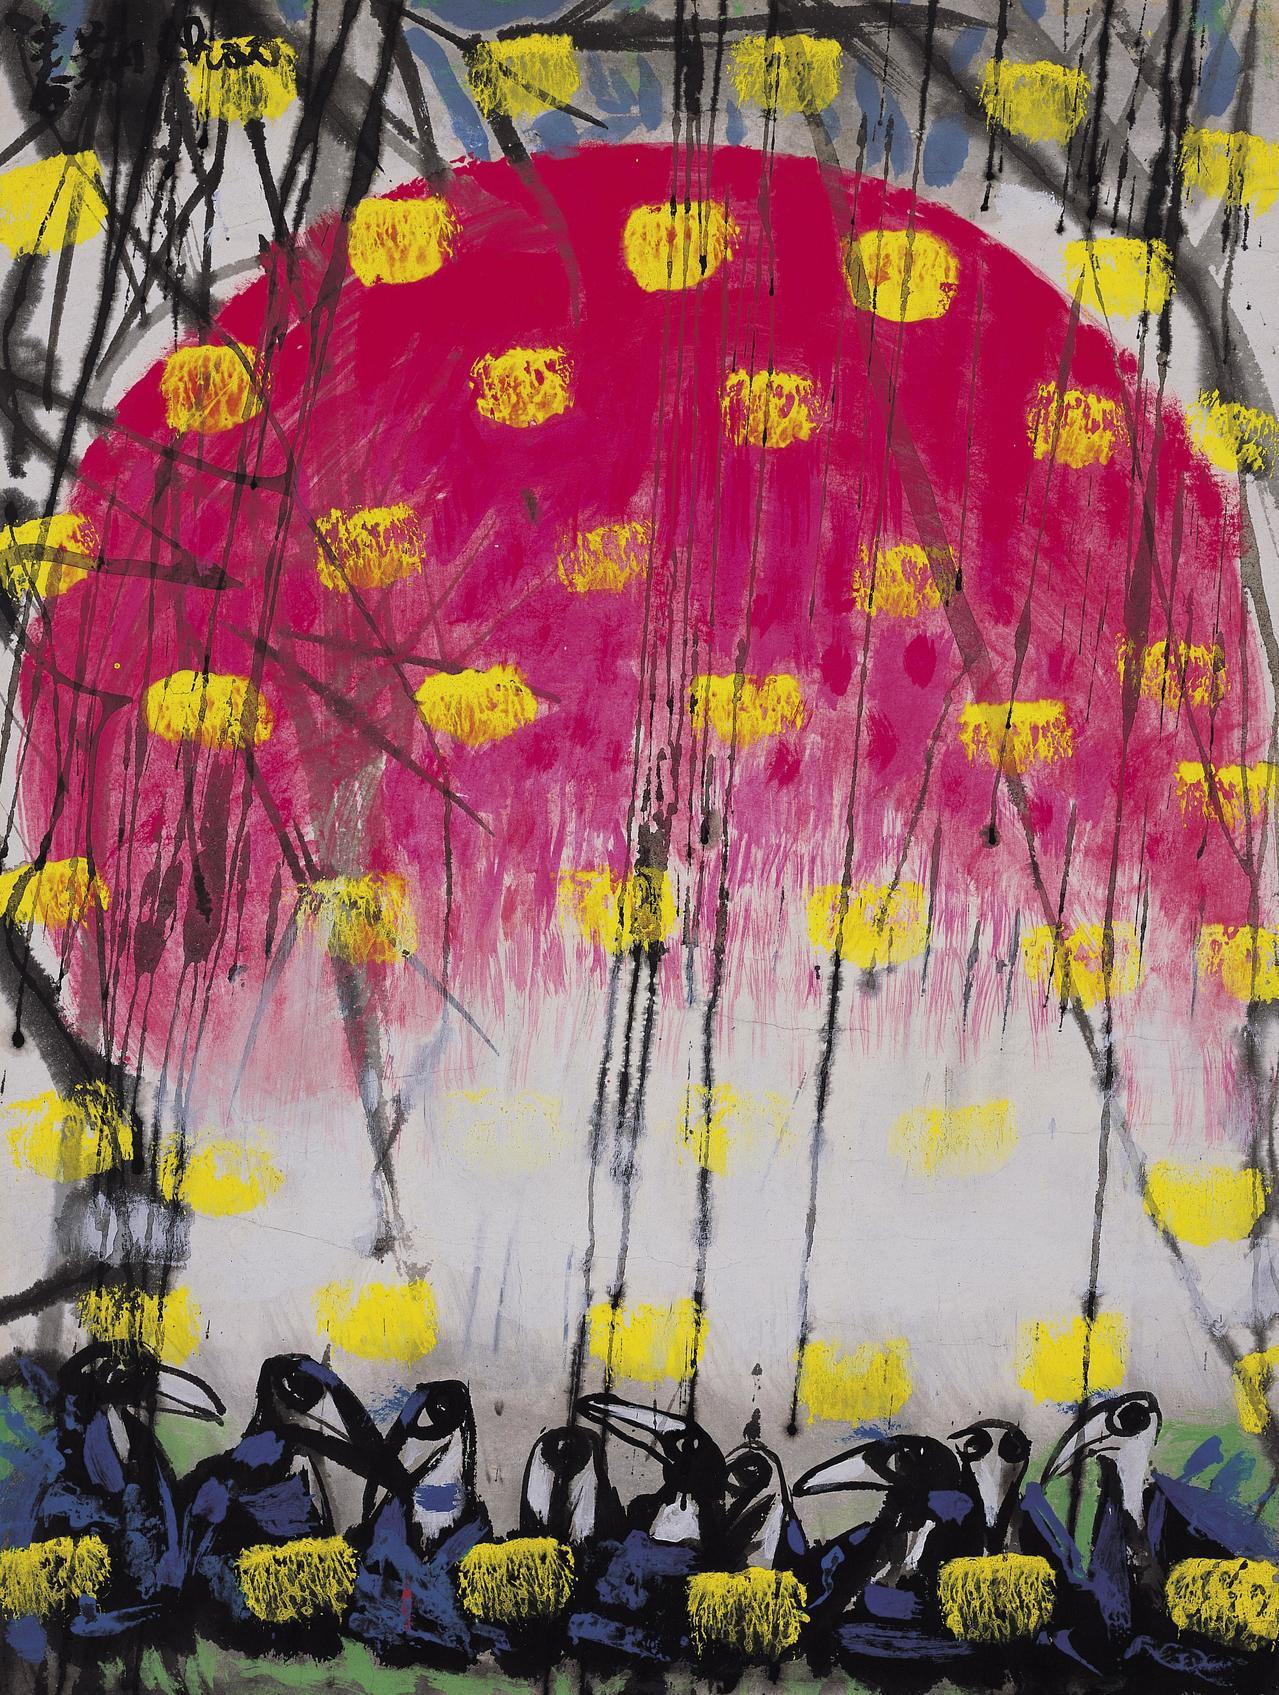 趙春翔的作品《福降大地》。圖╱典藏藝術提供